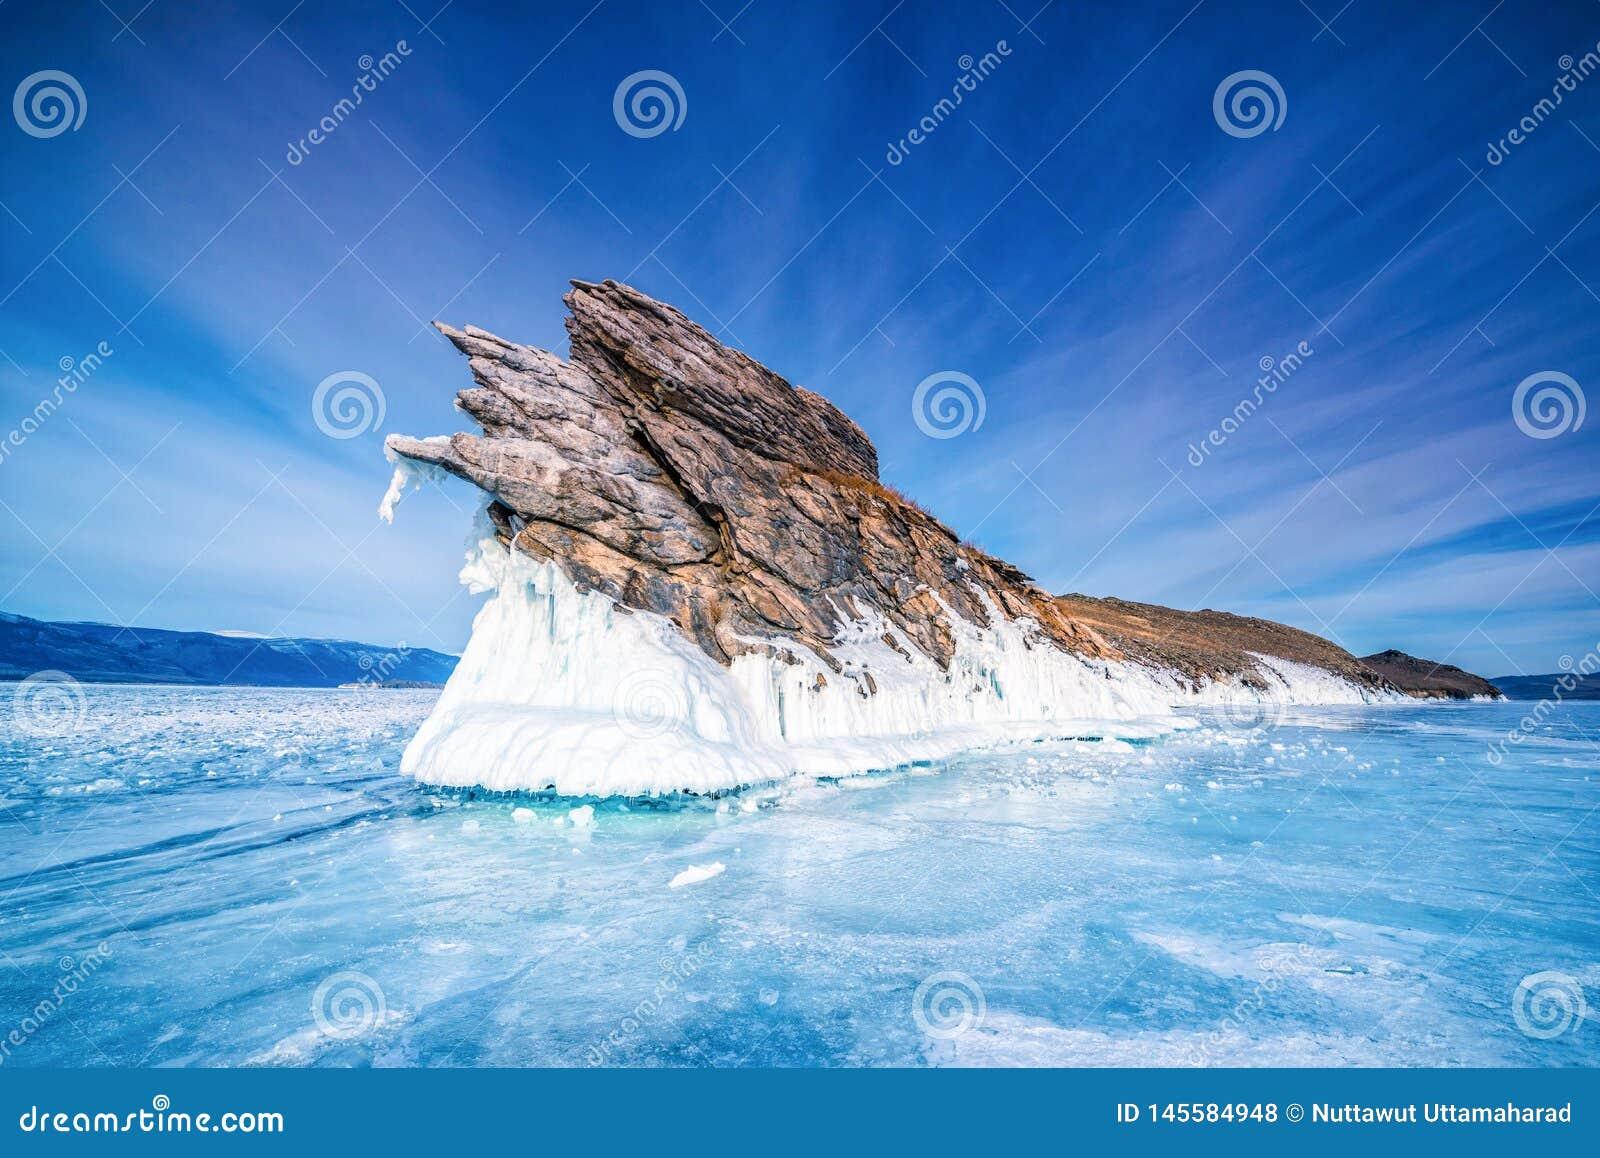 Cauda da ilha de Ogoi com gelo de quebra natural na água congelada no Lago Baikal, Sibéria, Rússia